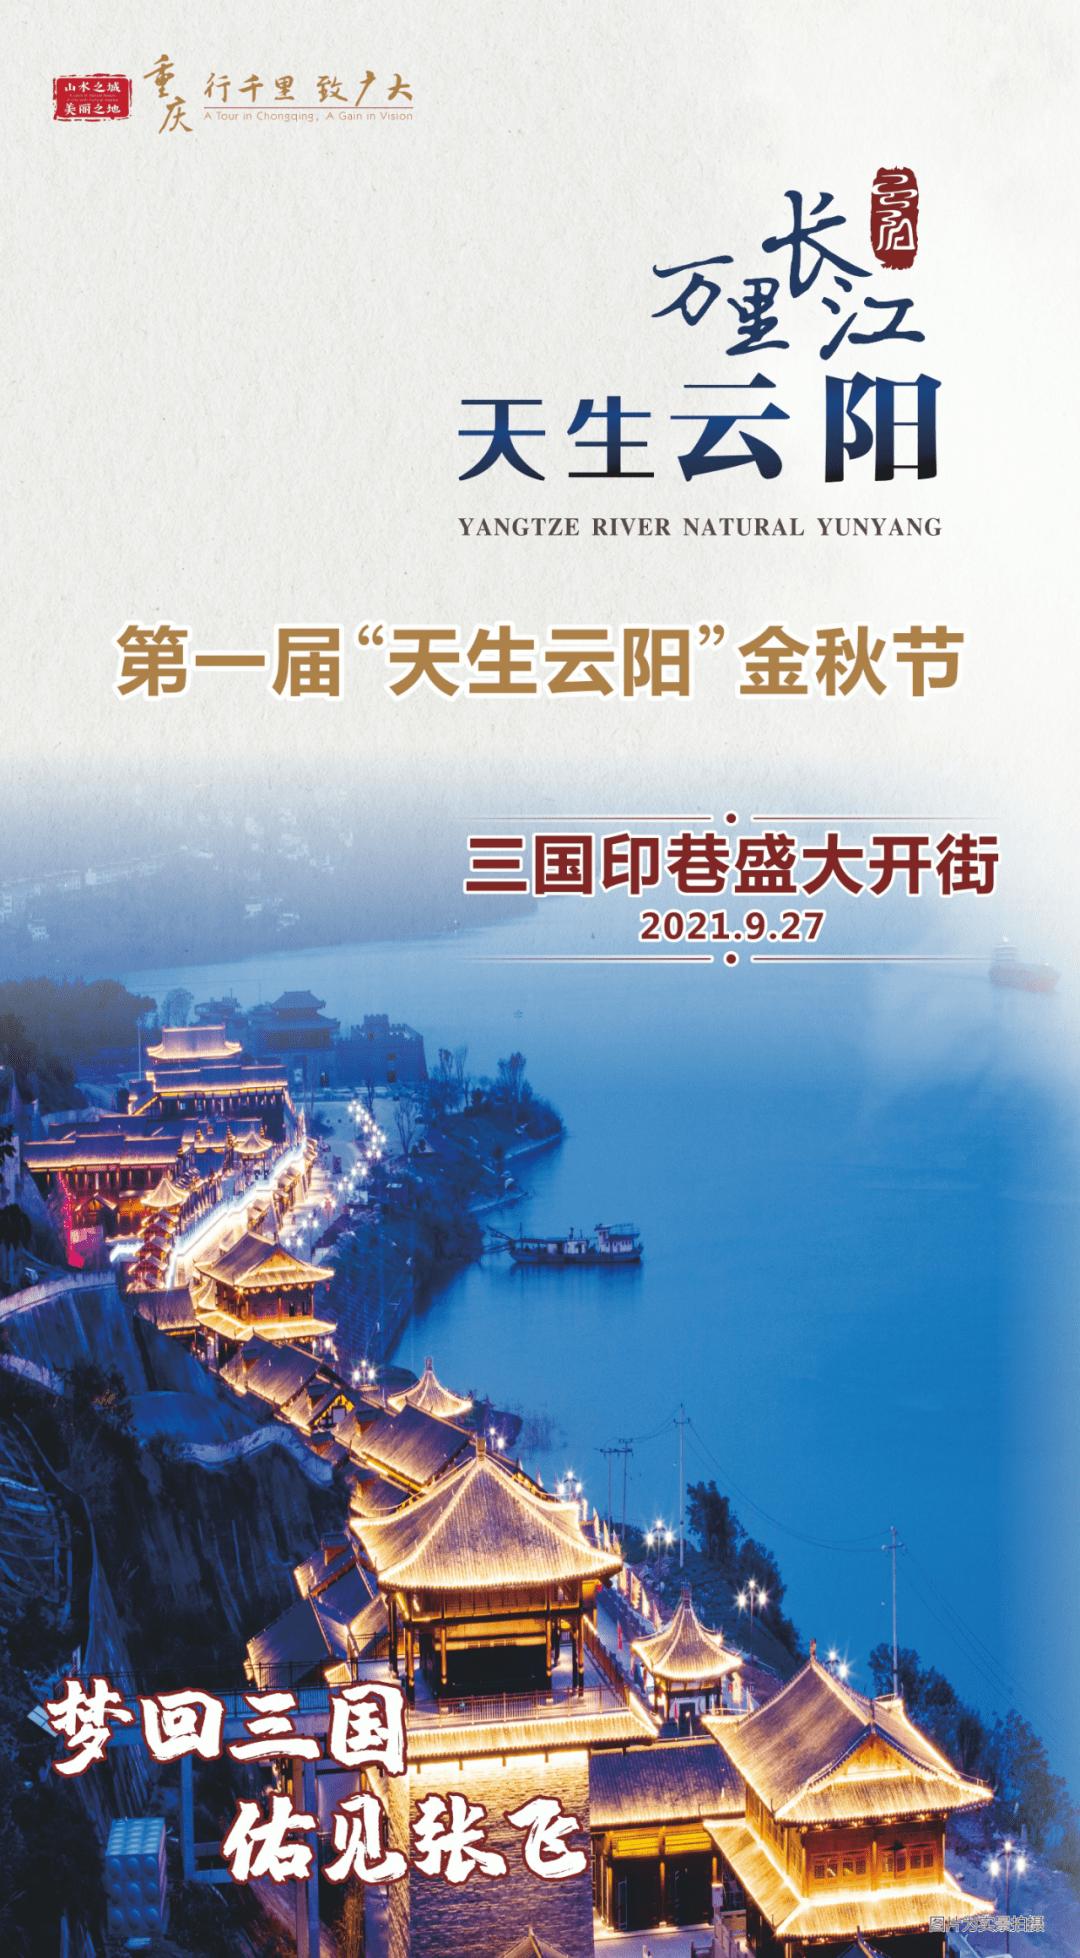 9月17日至10月8日,云阳停止办理养老保险和工伤保险等业务